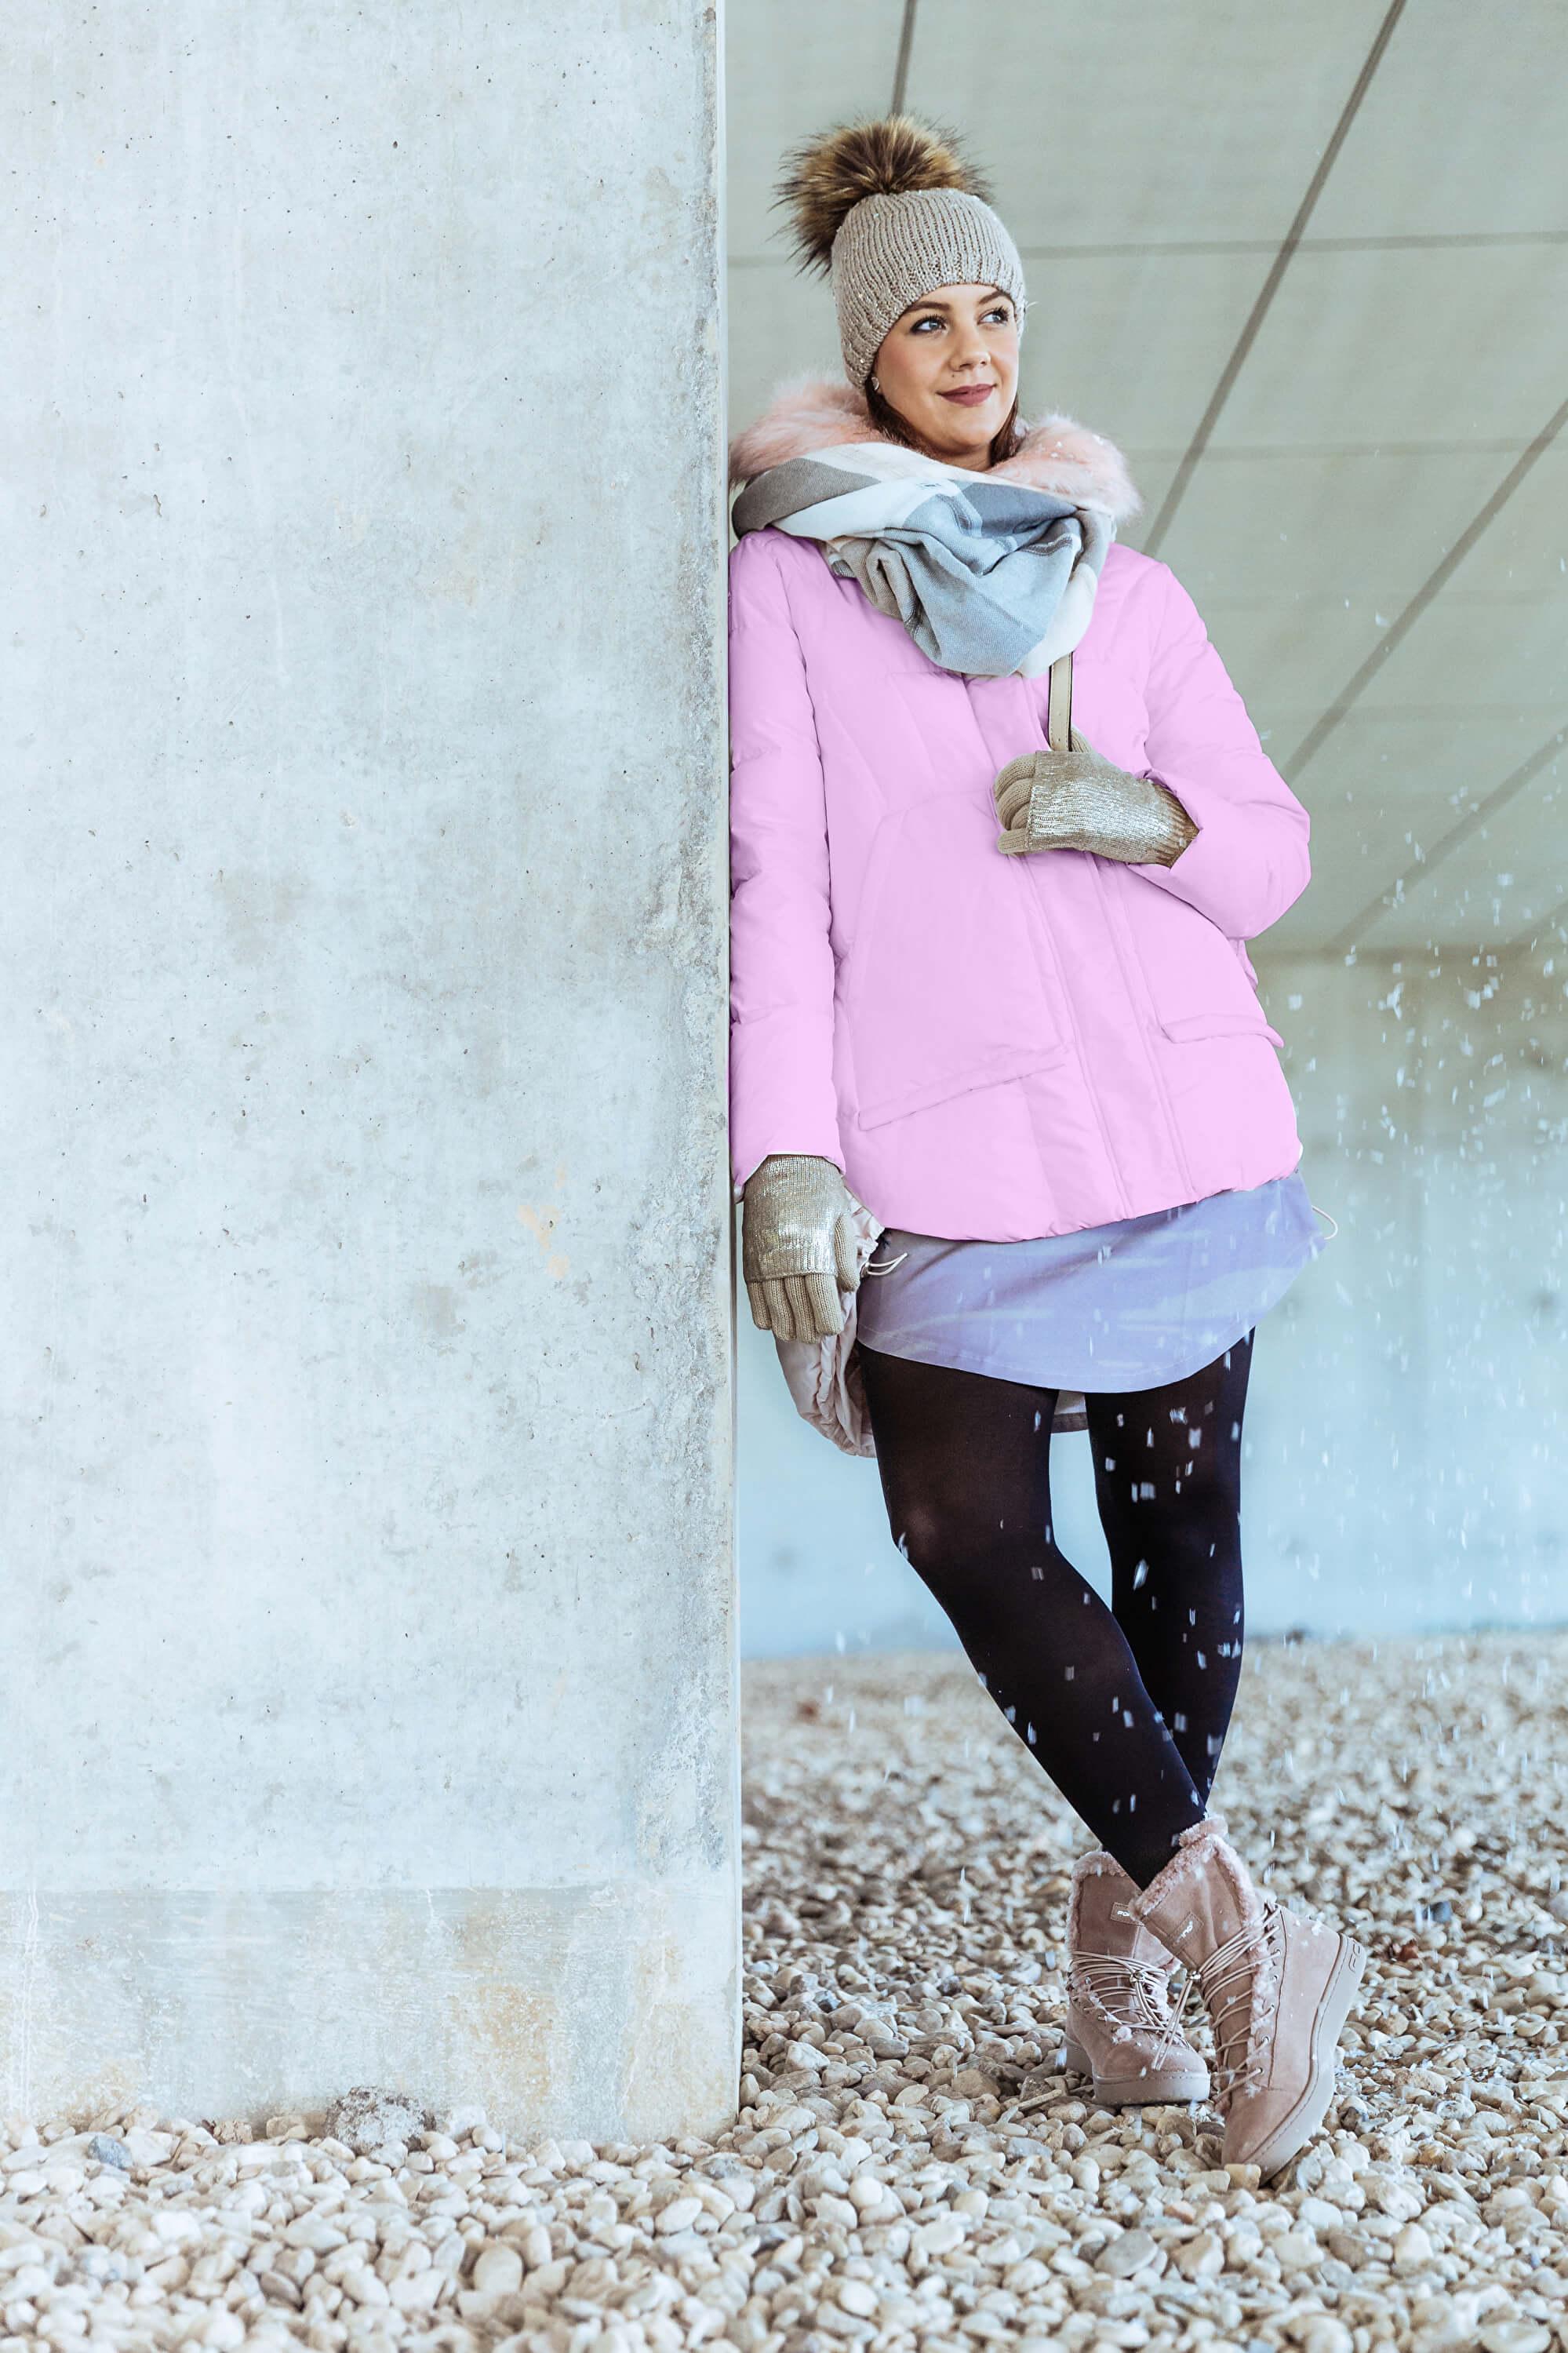 Evona Dámské neprůhledné punčochové kalhoty Magda černá 999 ... 4669735506